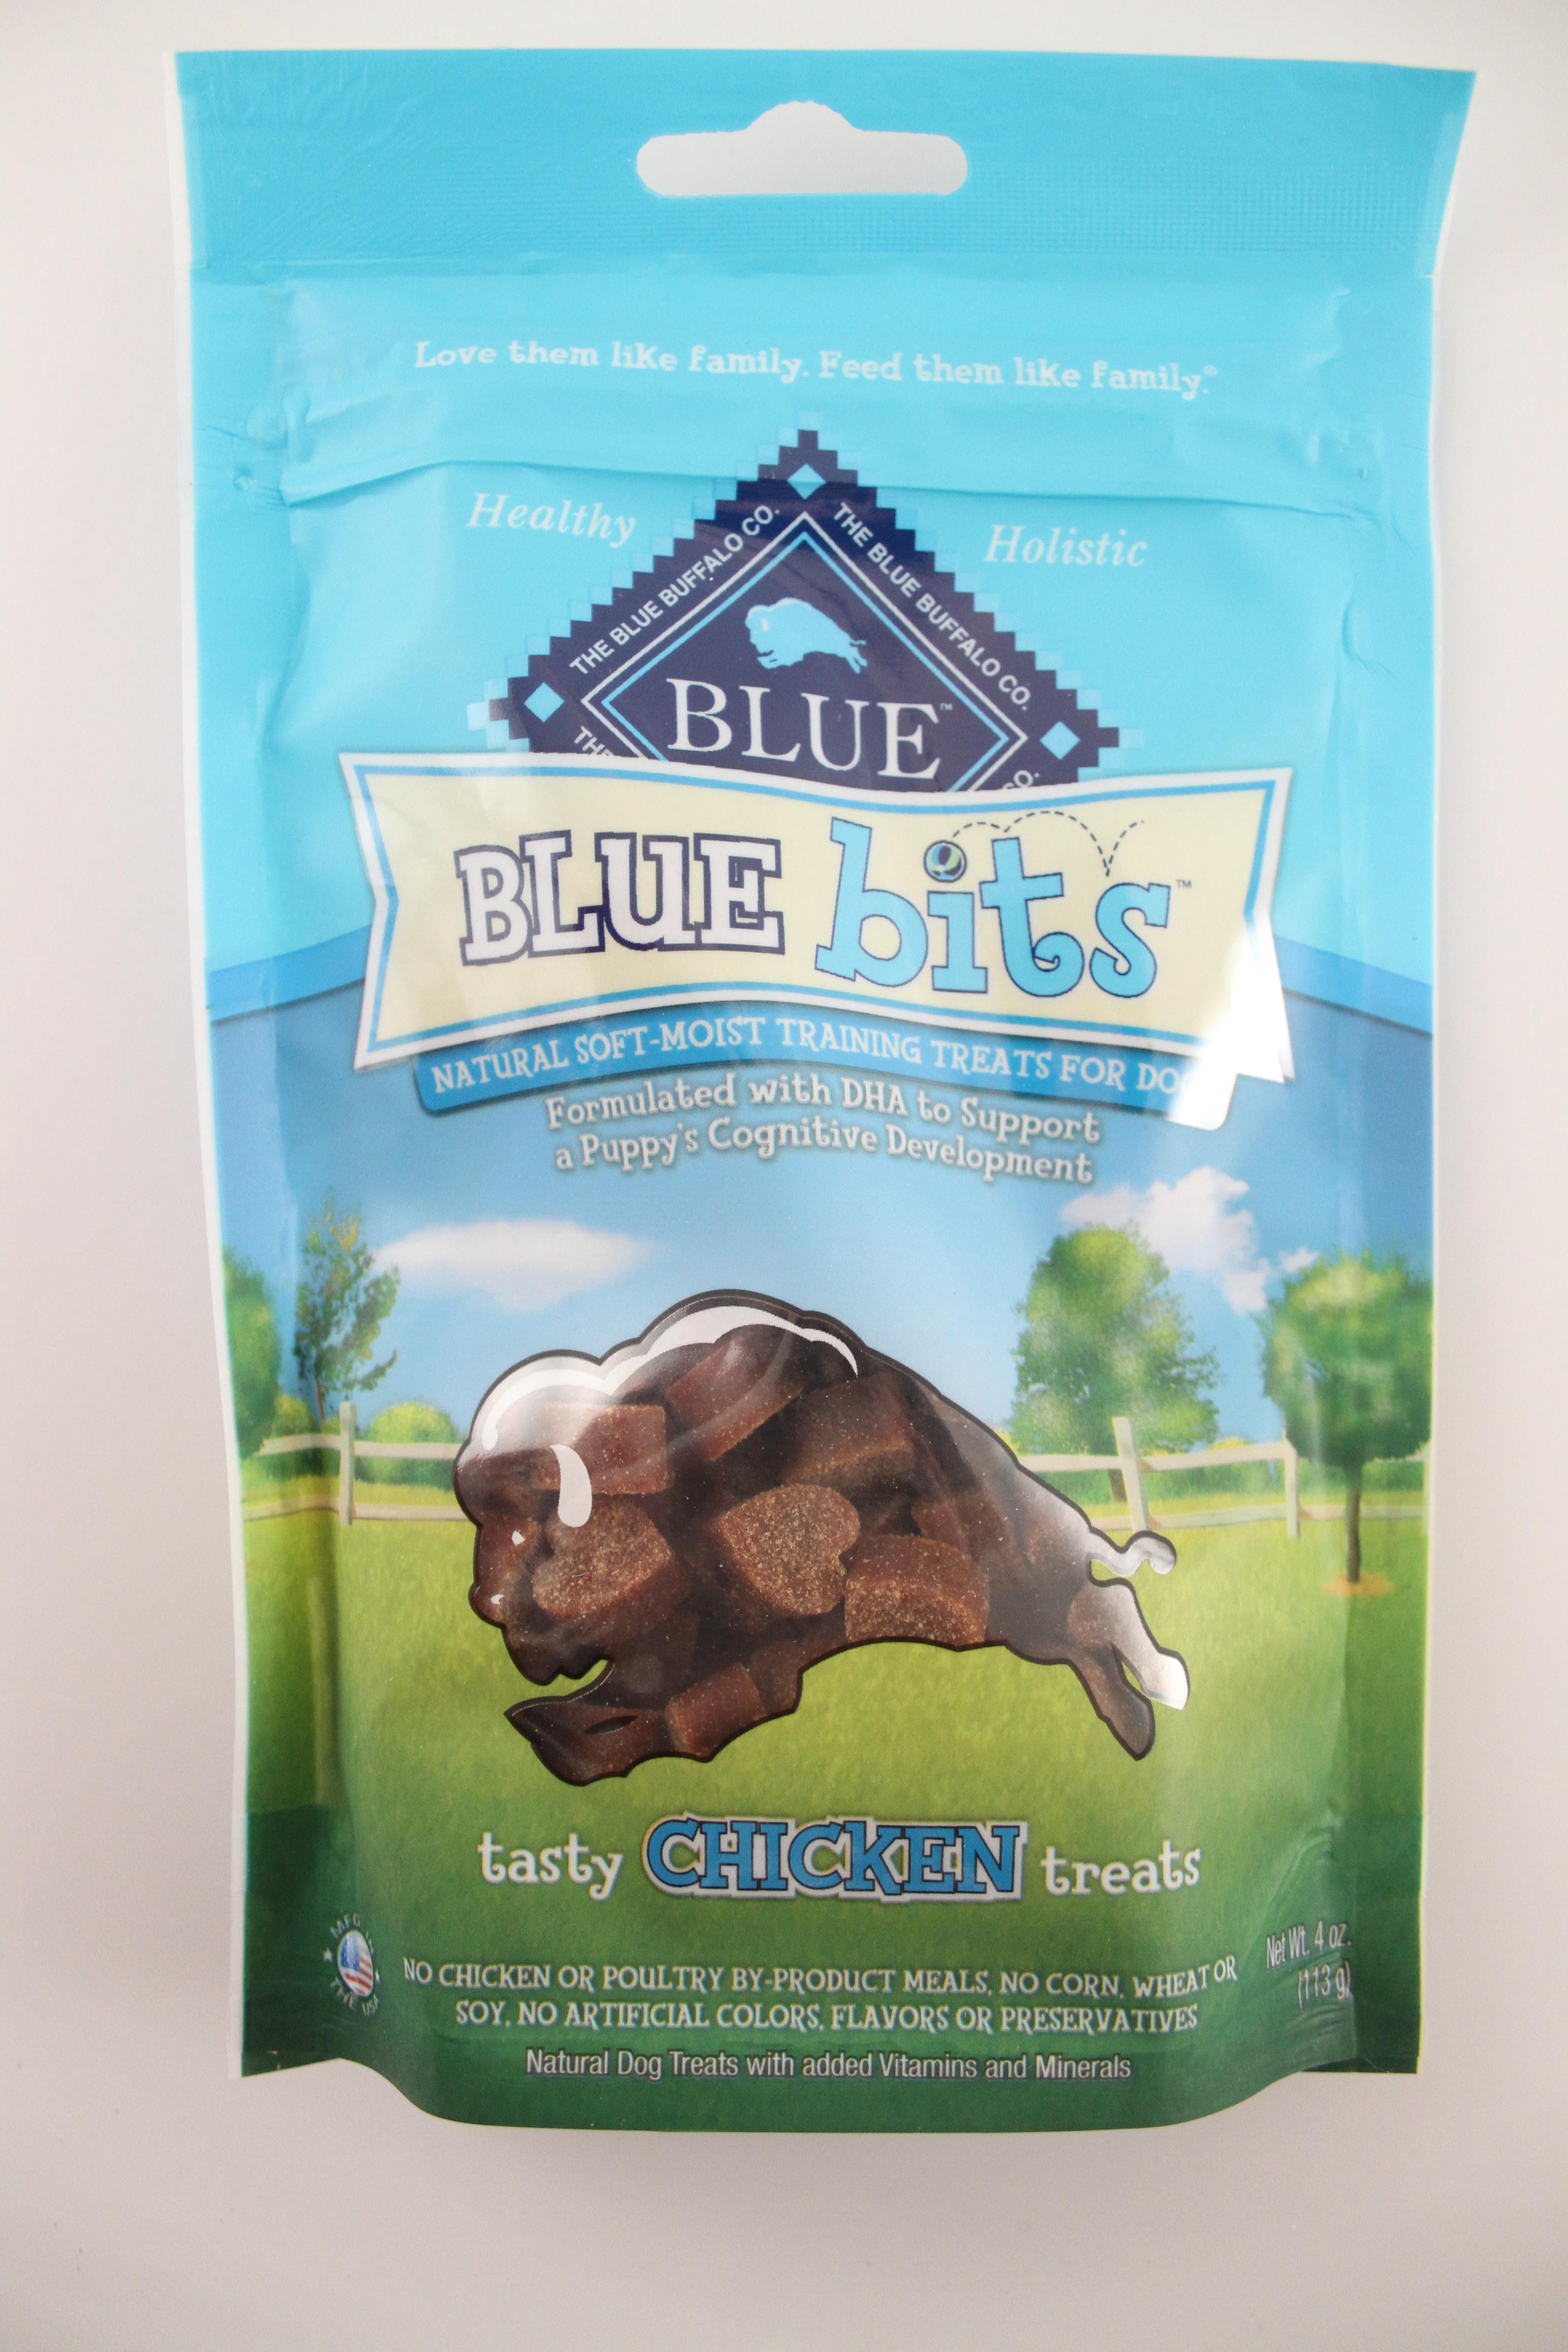 Blue Buffalo Treats